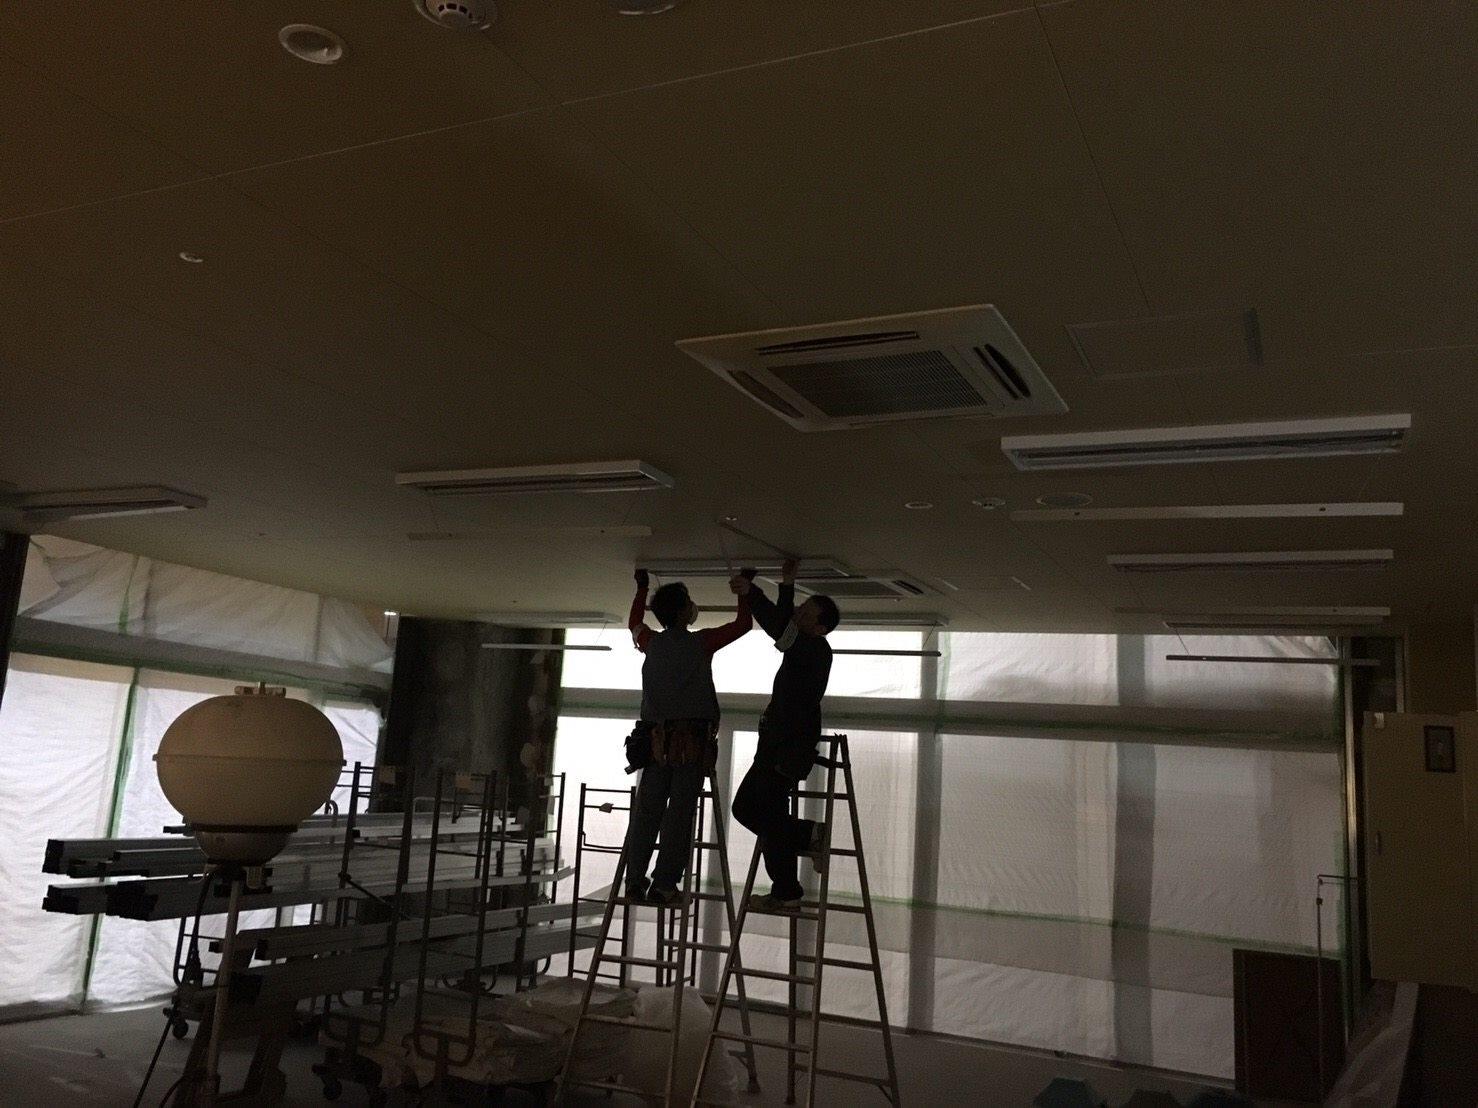 ショッピングモール改修工事ショッピングモール / 改修工事